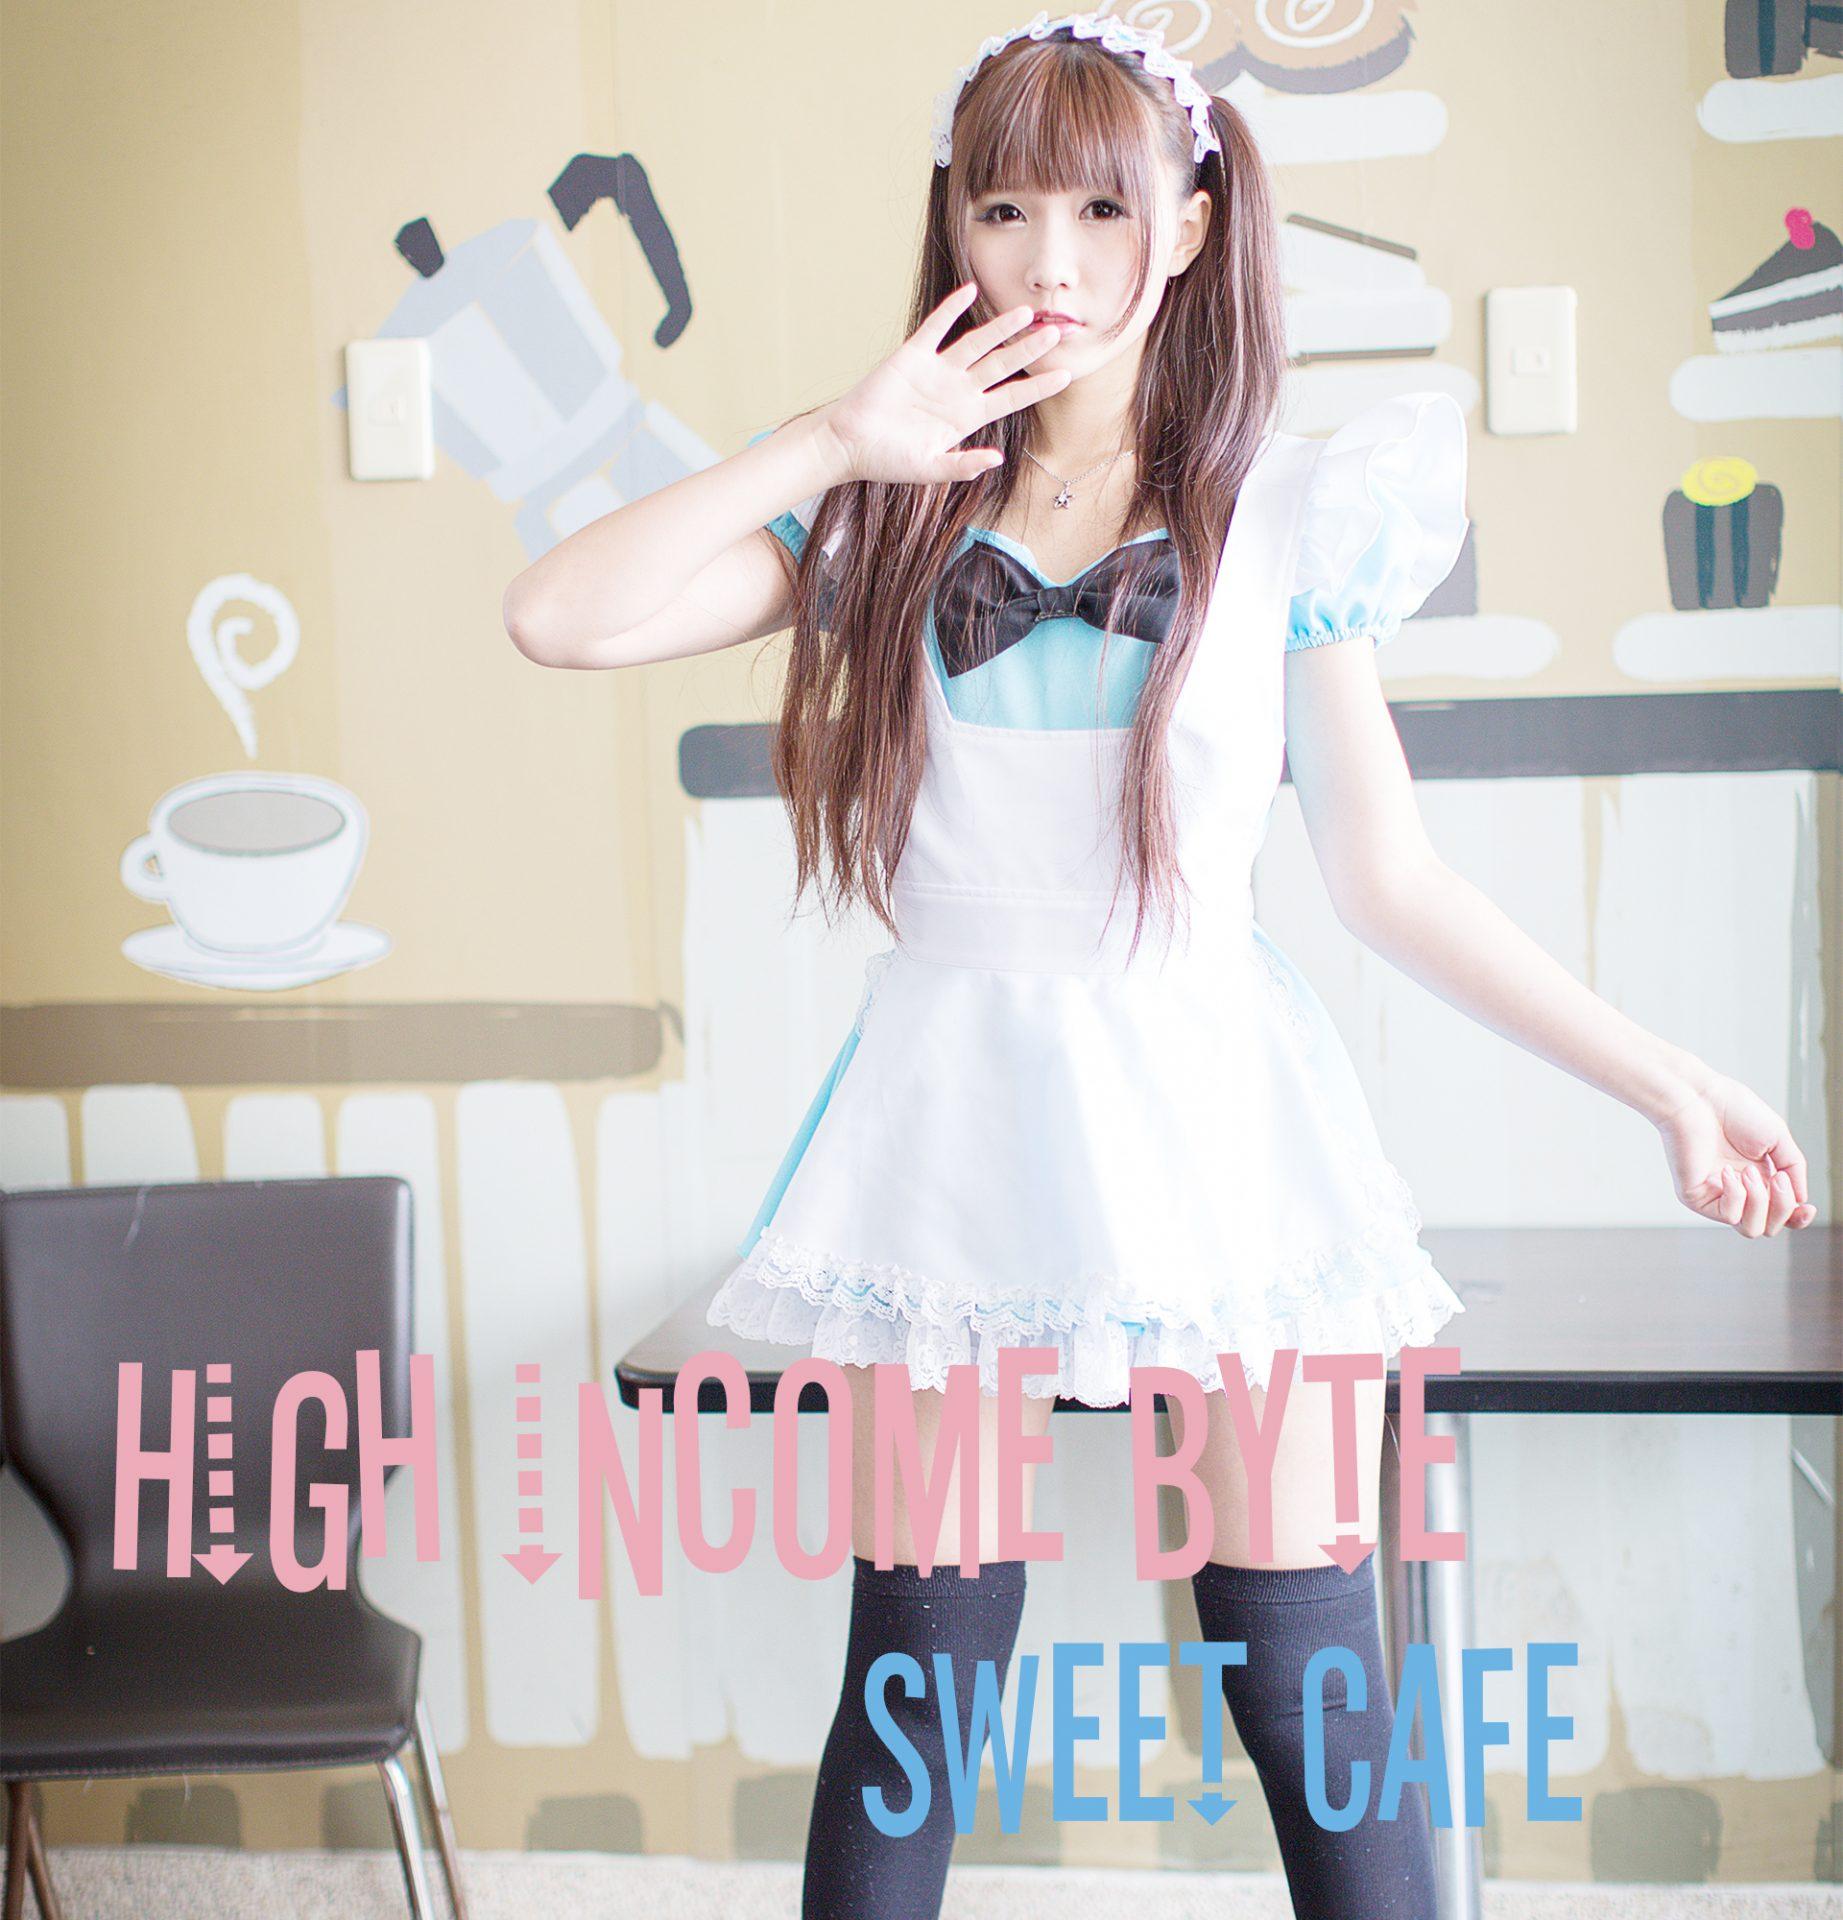 カフェバイト求人募集『Sweet Cafe』